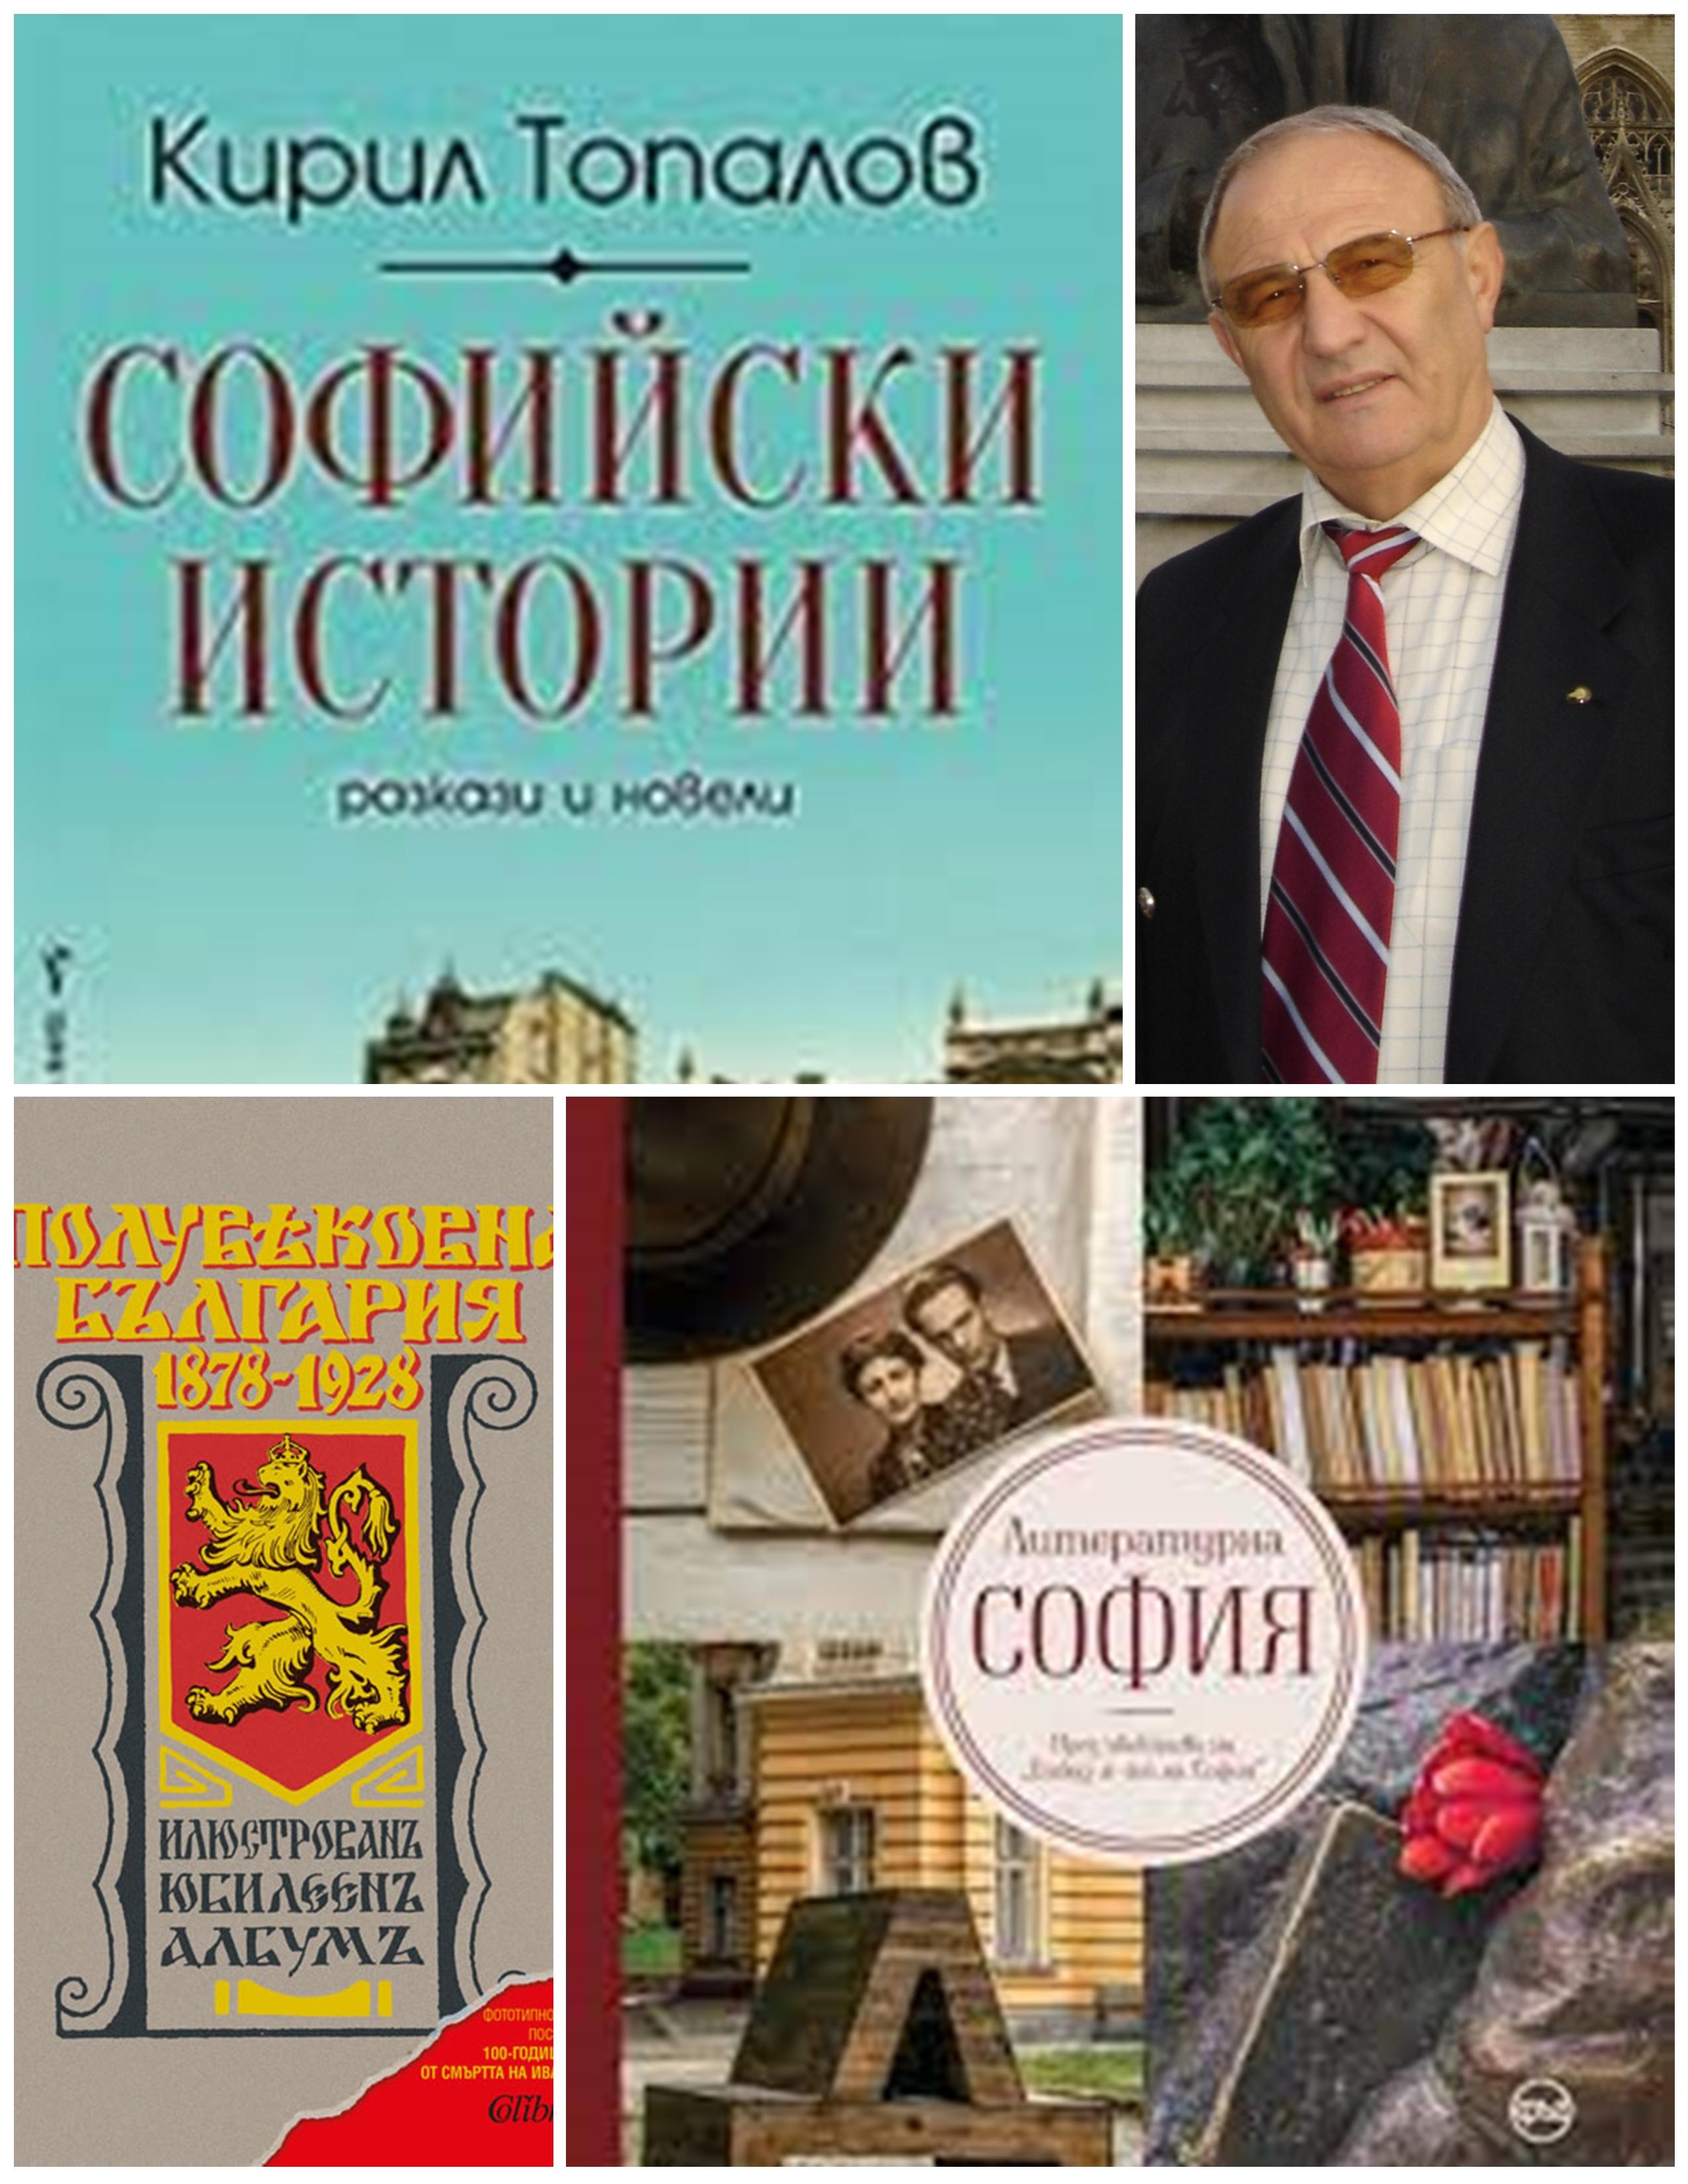 Колонката на Г. Цанков: Кирил Топалов и неговите софийски истории. Спомен за Марин Бодаков